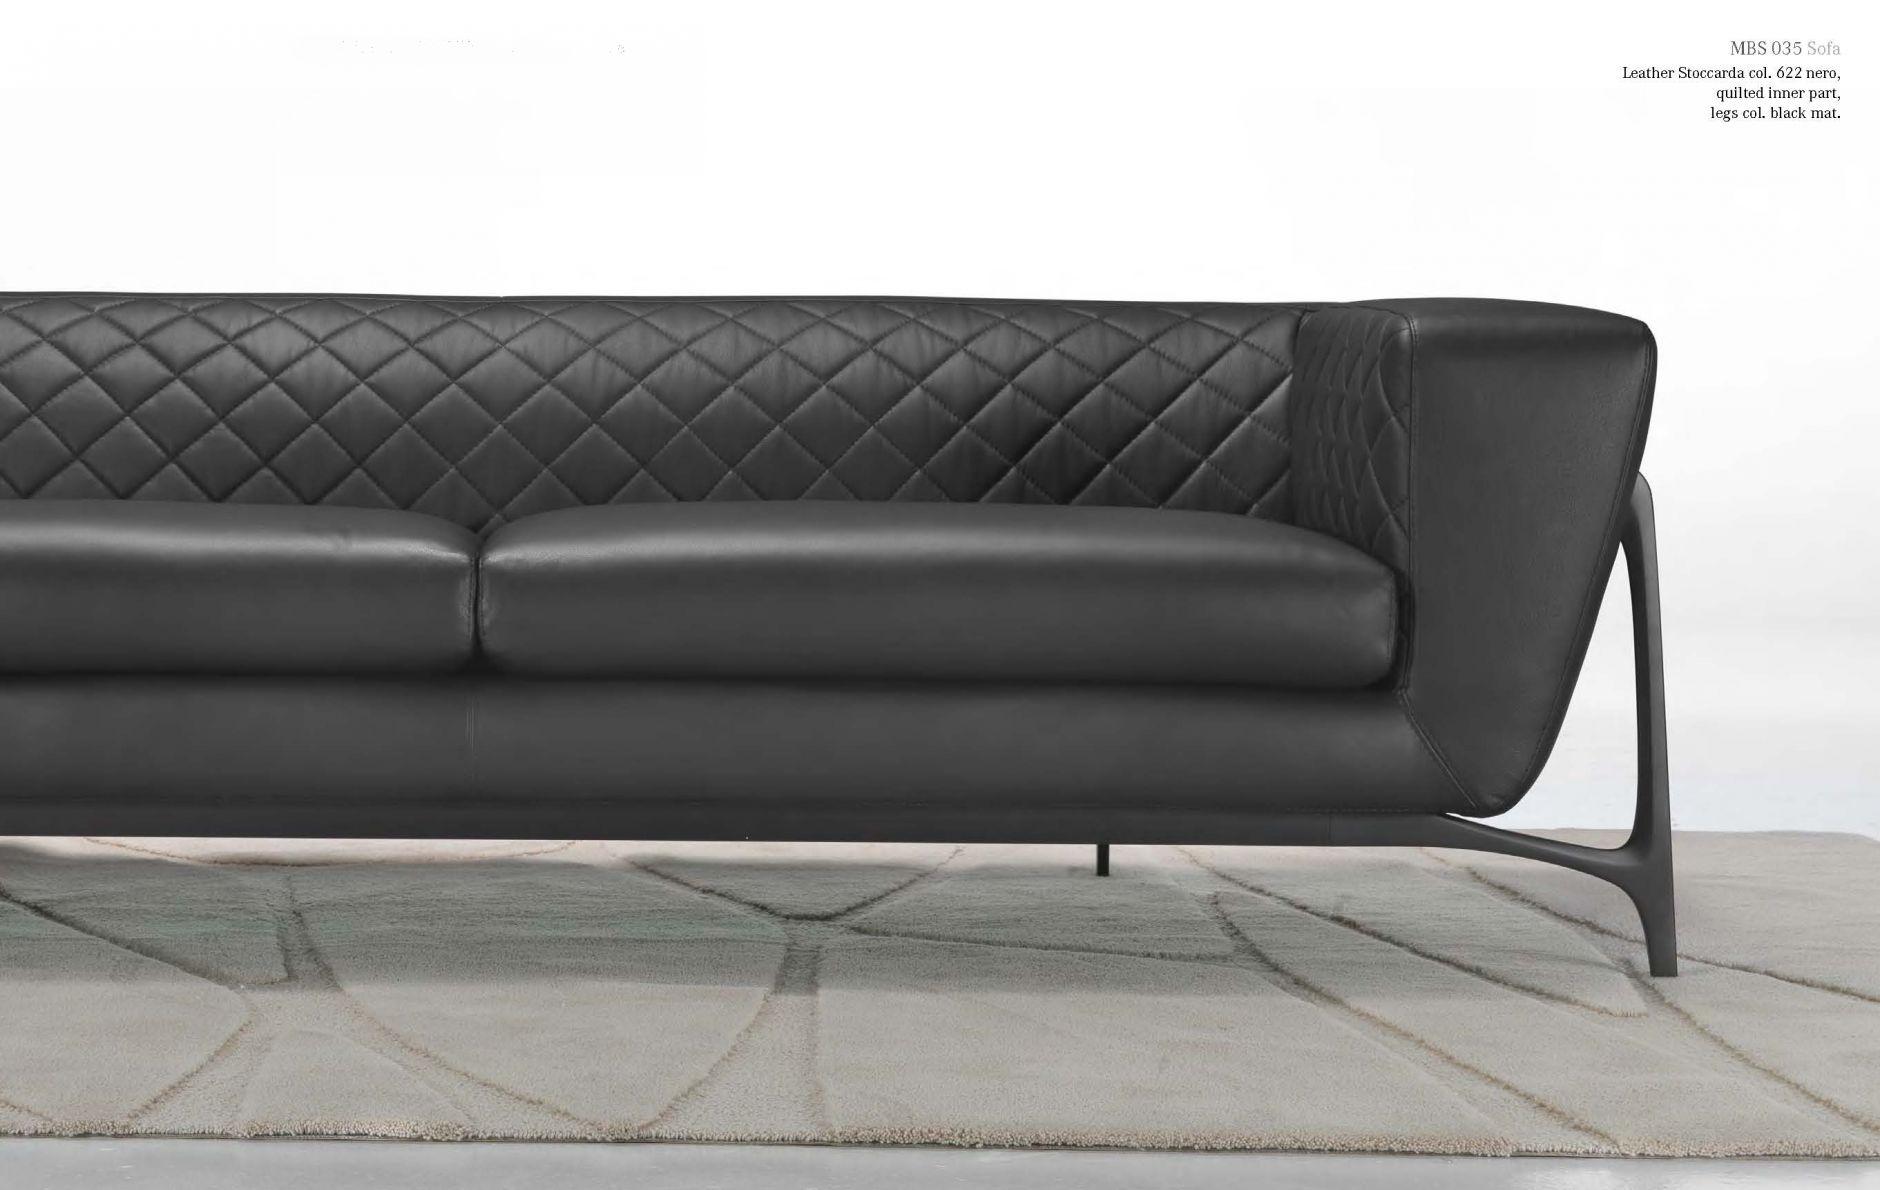 Vip Sofas Luxuriöse Sofas Mercedes Benz Style 035die Möbel Aus